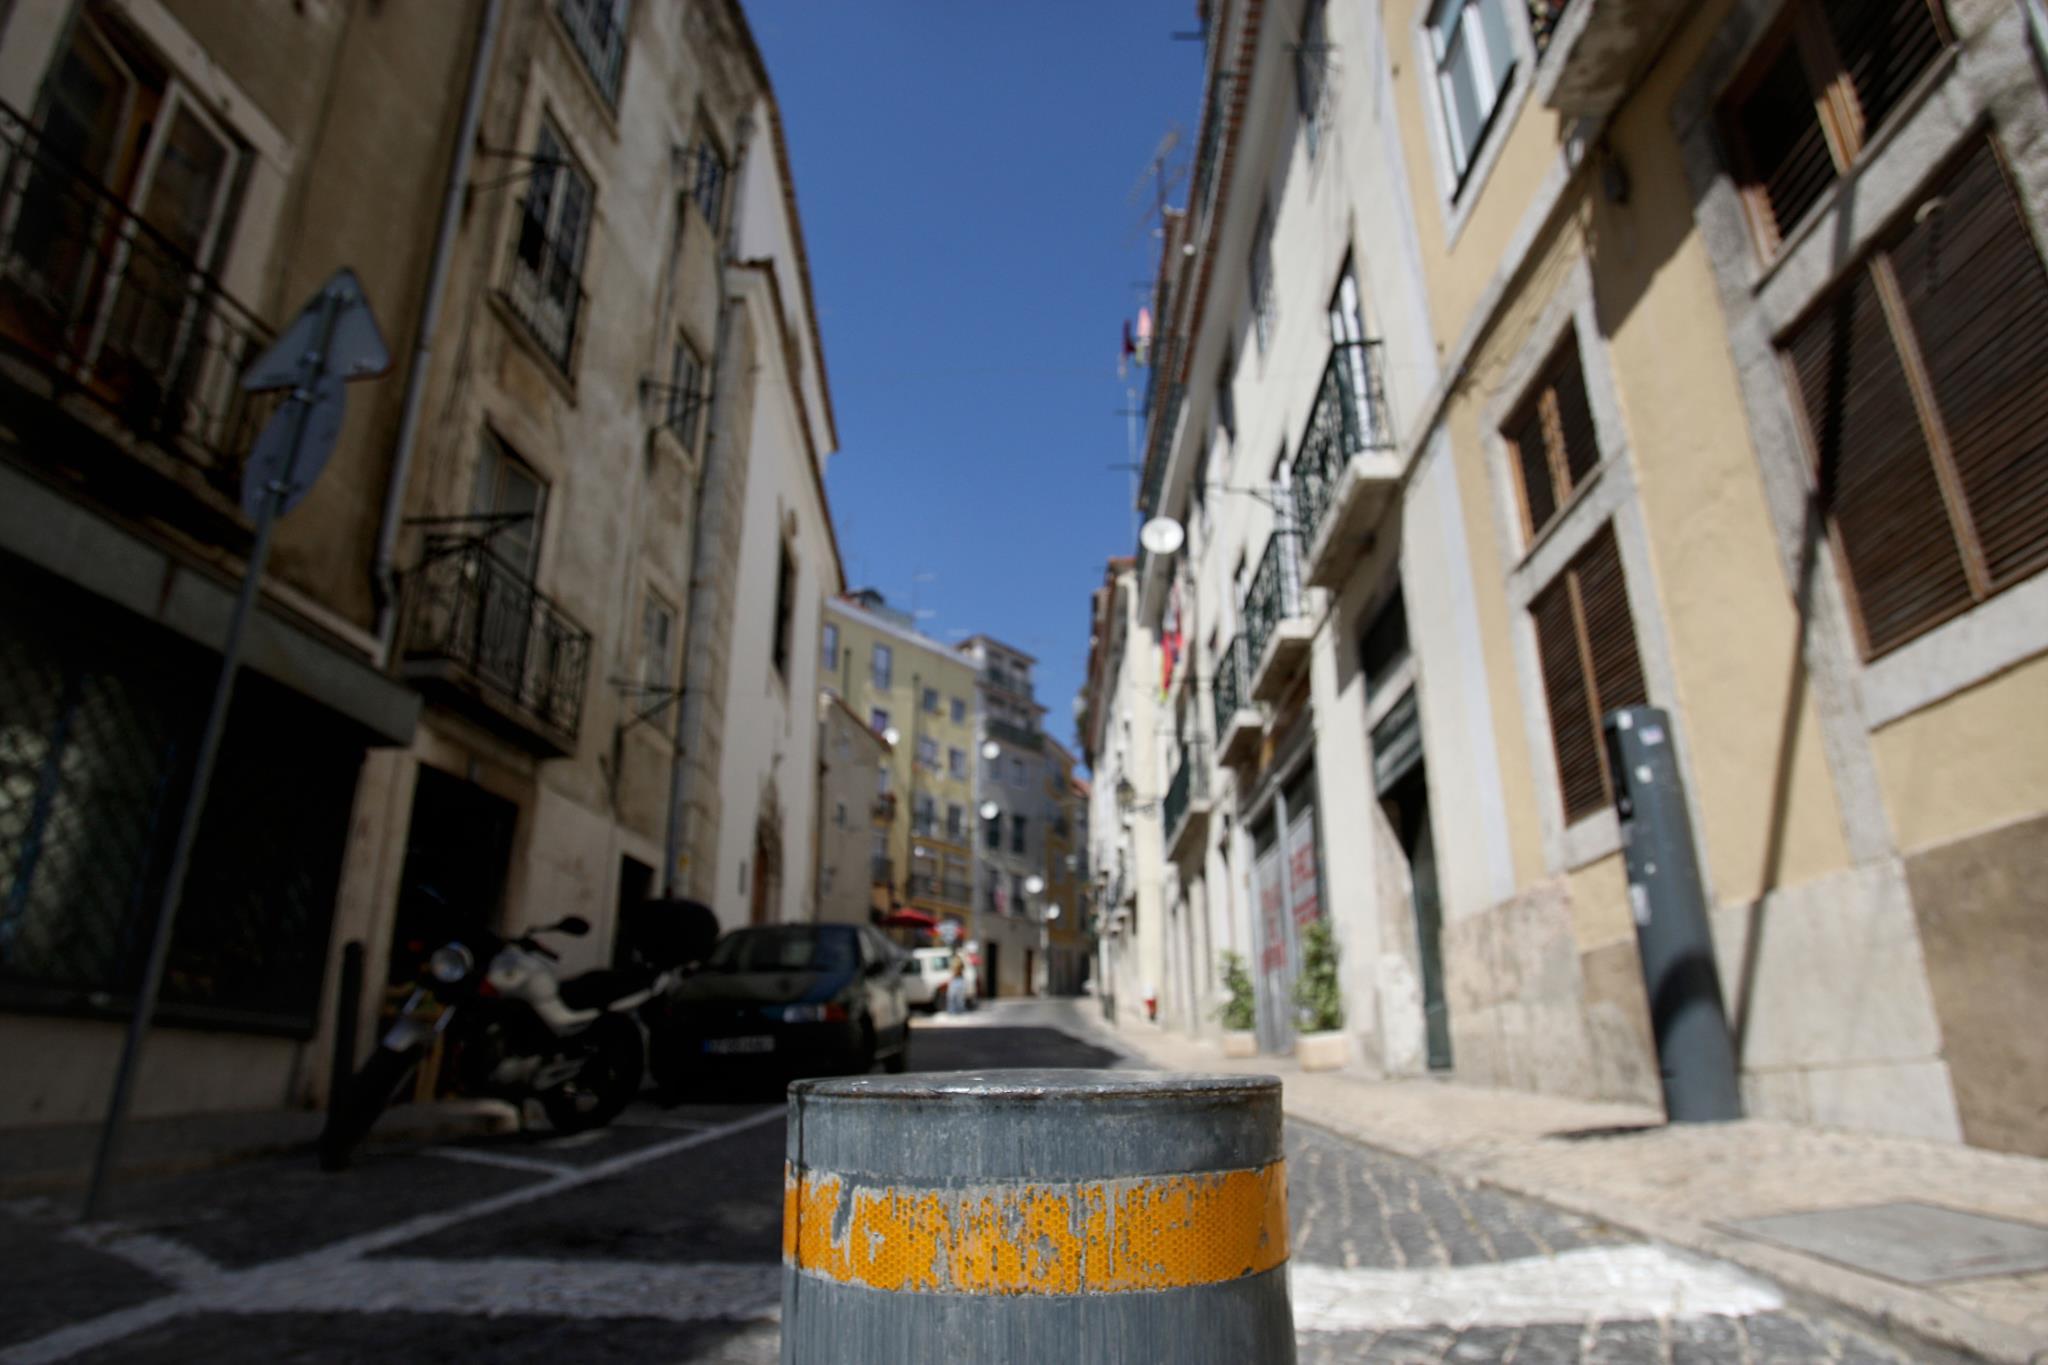 PÚBLICO - Pilaretes da EMEL no Bairro Alto causam danos em veículos